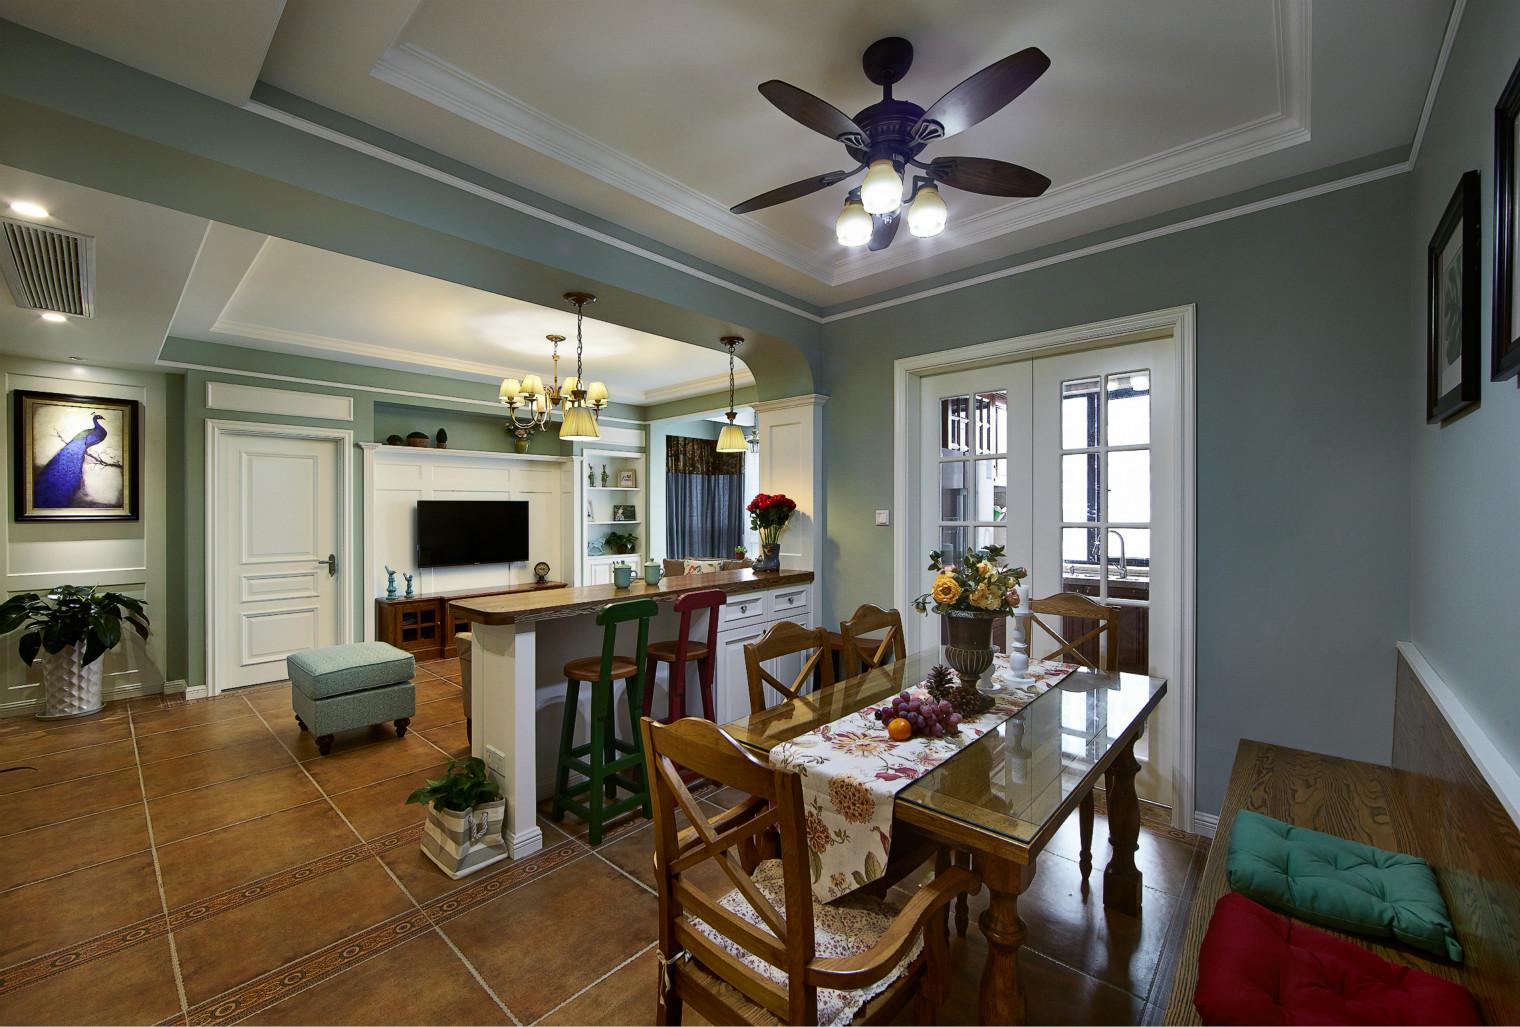 餐厅在客厅走进去一点的位置,一边靠墙座位一边餐桌椅,搭配木质餐边柜和琐碎桌布装饰。